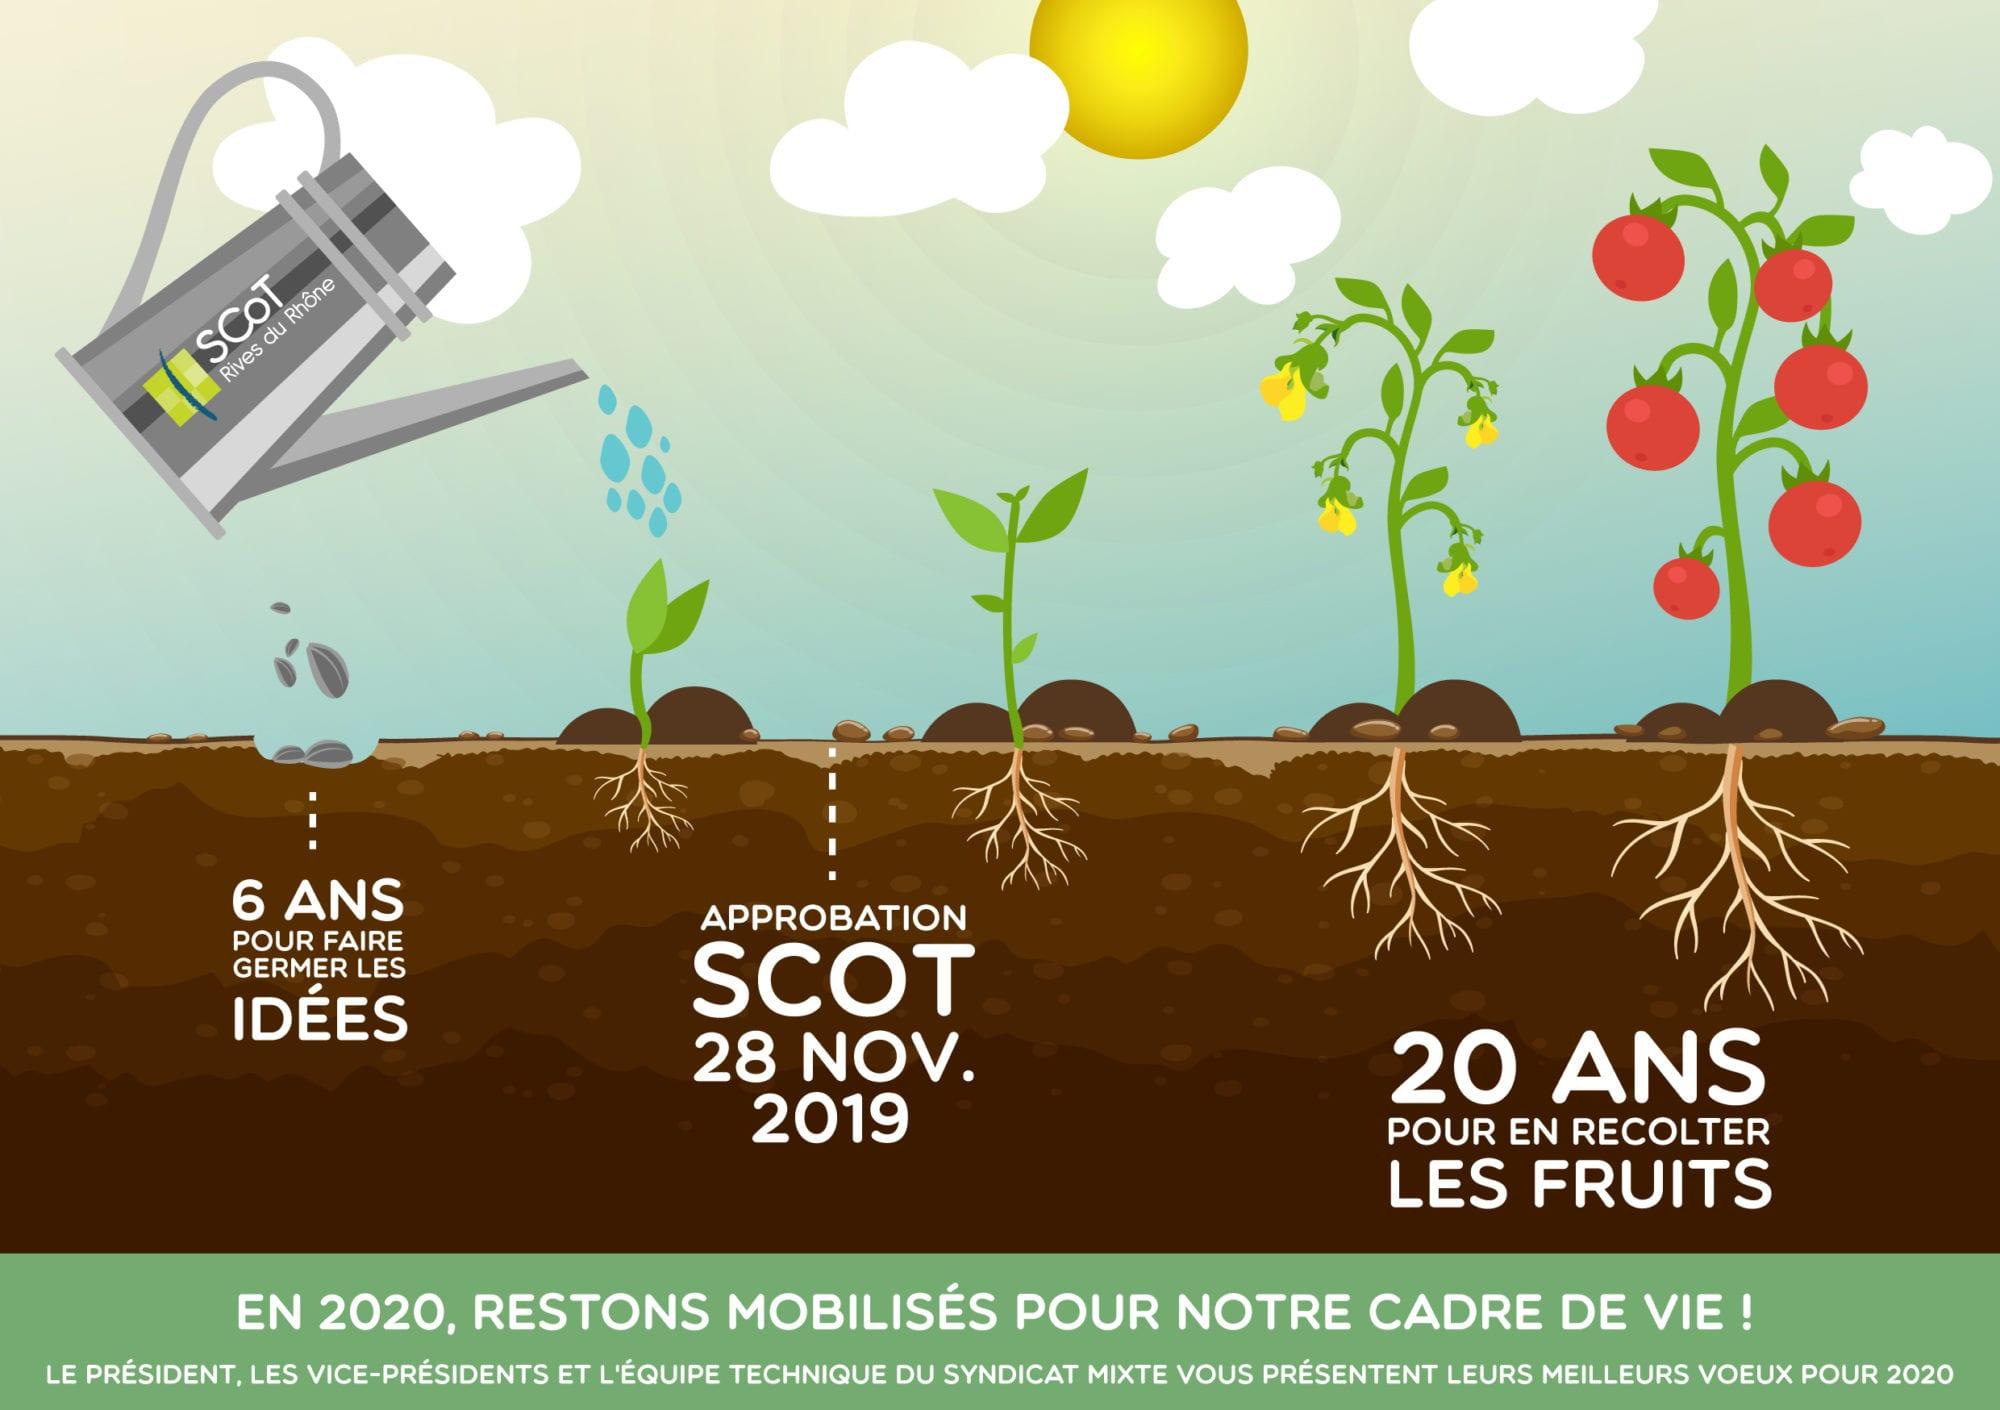 Carte-de-voeux-scot-09012020-01-01